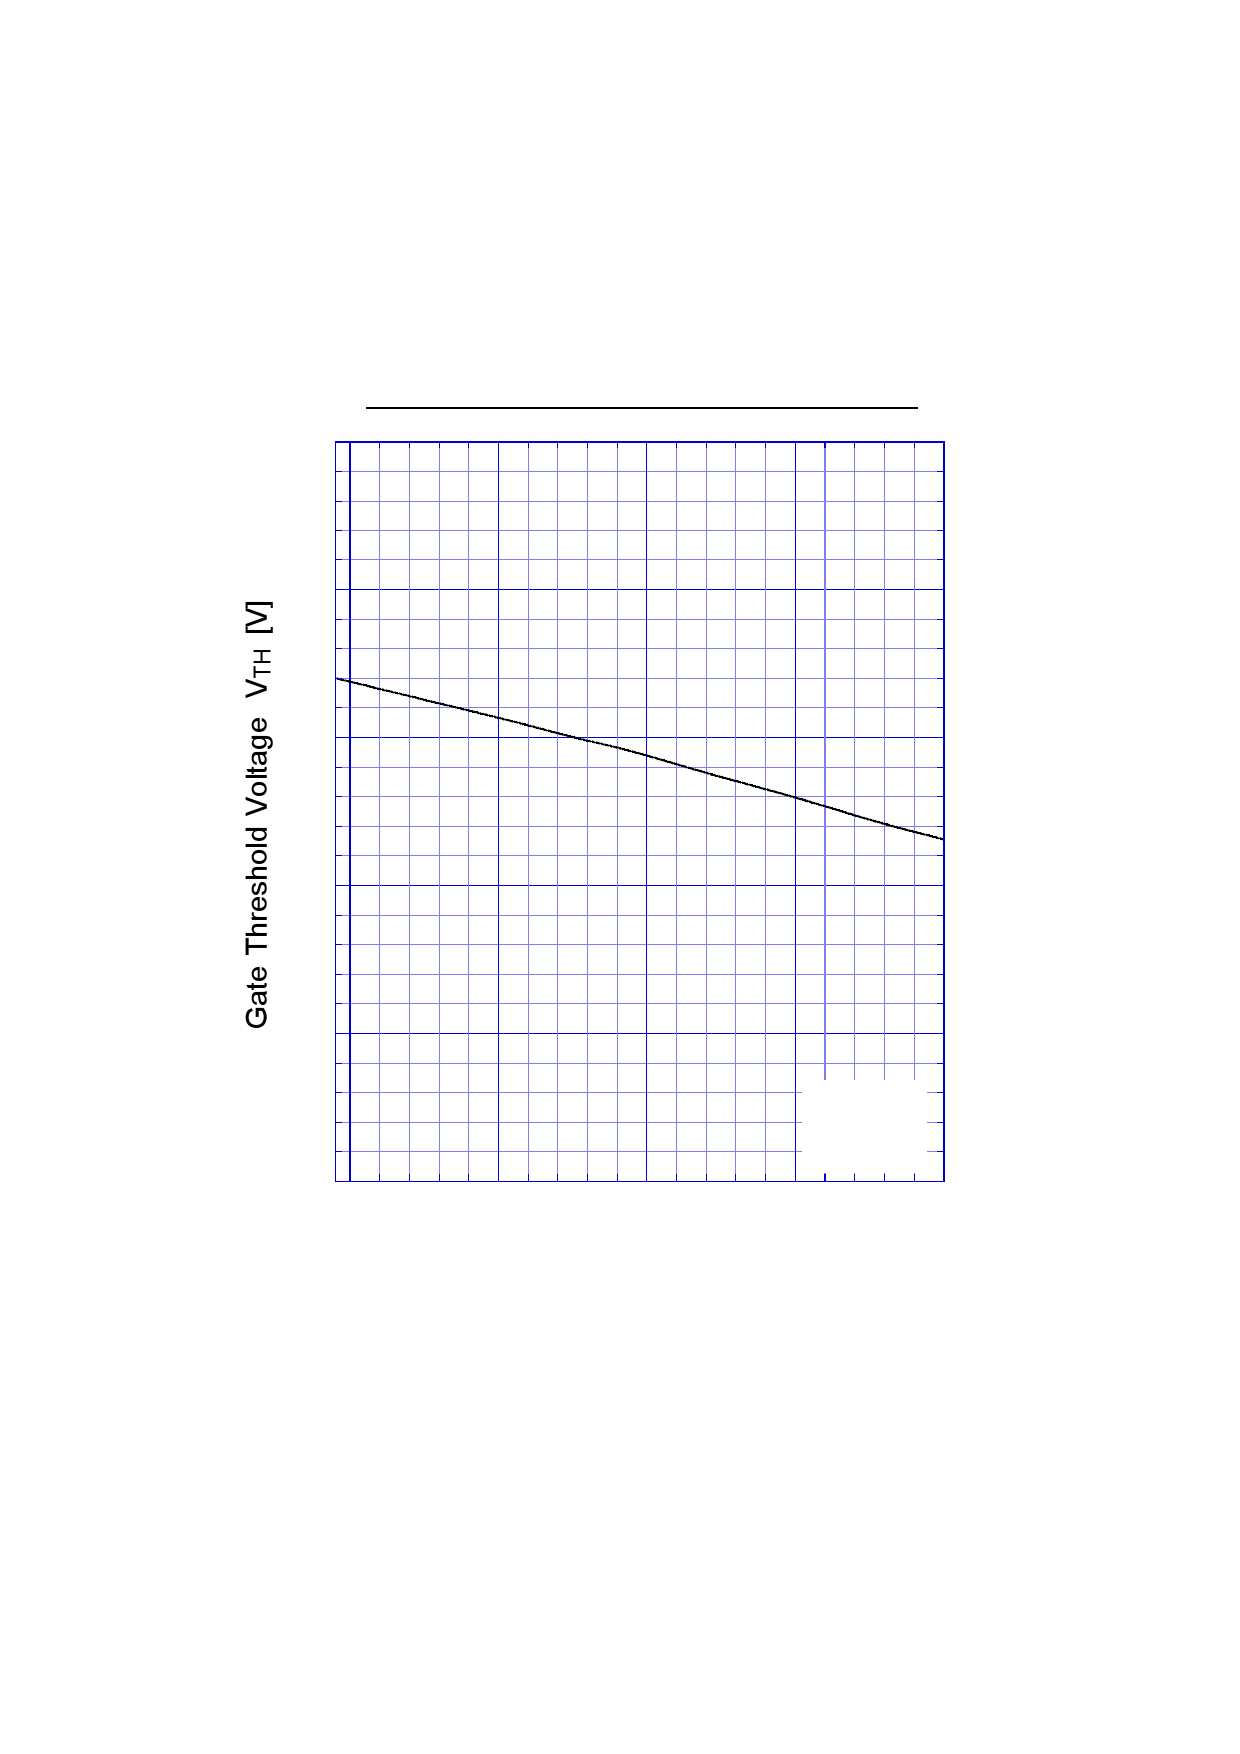 F05B23VR pdf